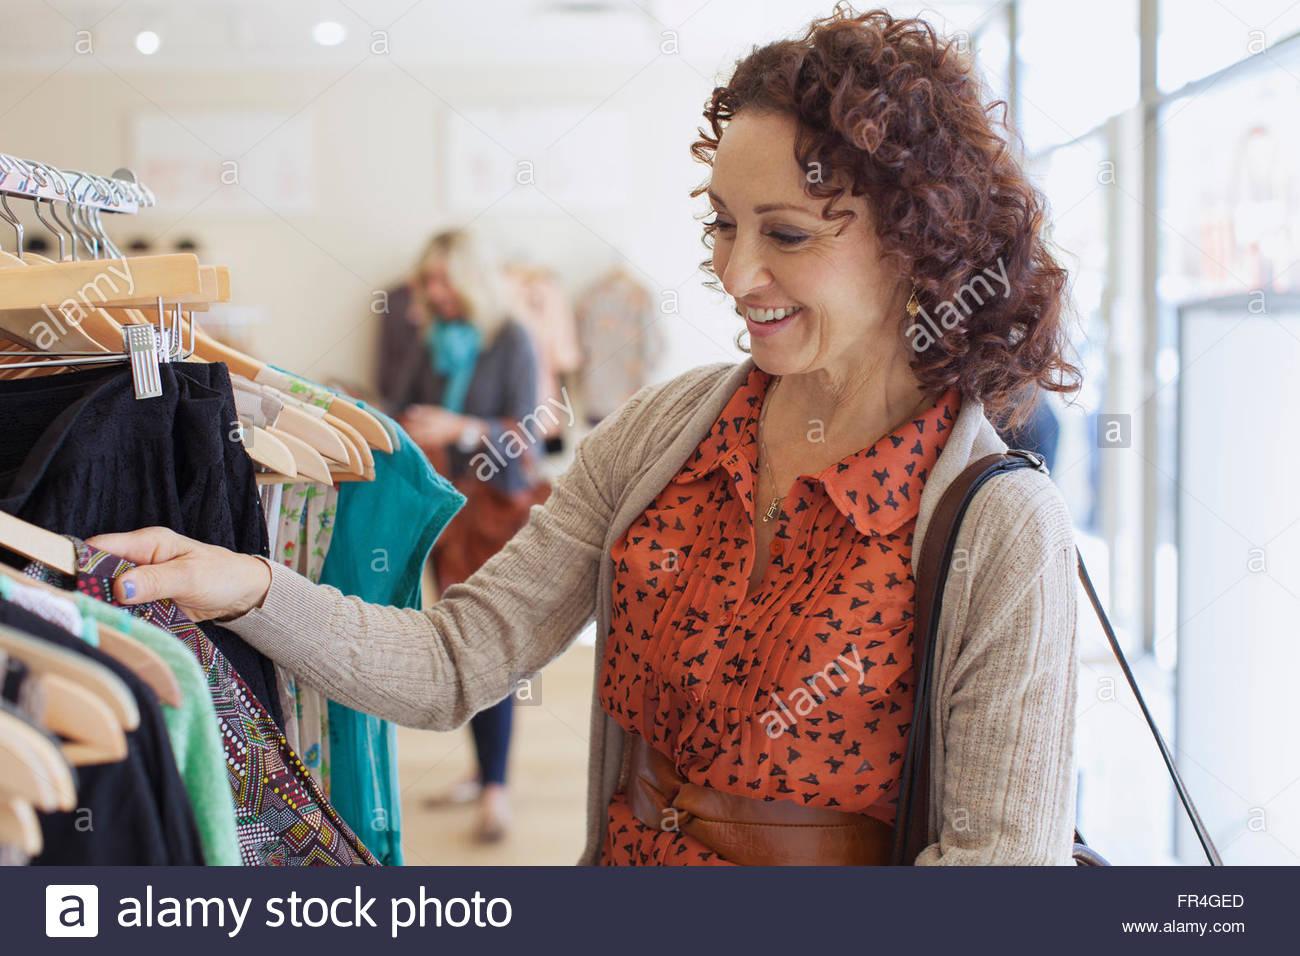 Frau Racks von Kleidung im trendigen Store durchsuchen. Stockbild